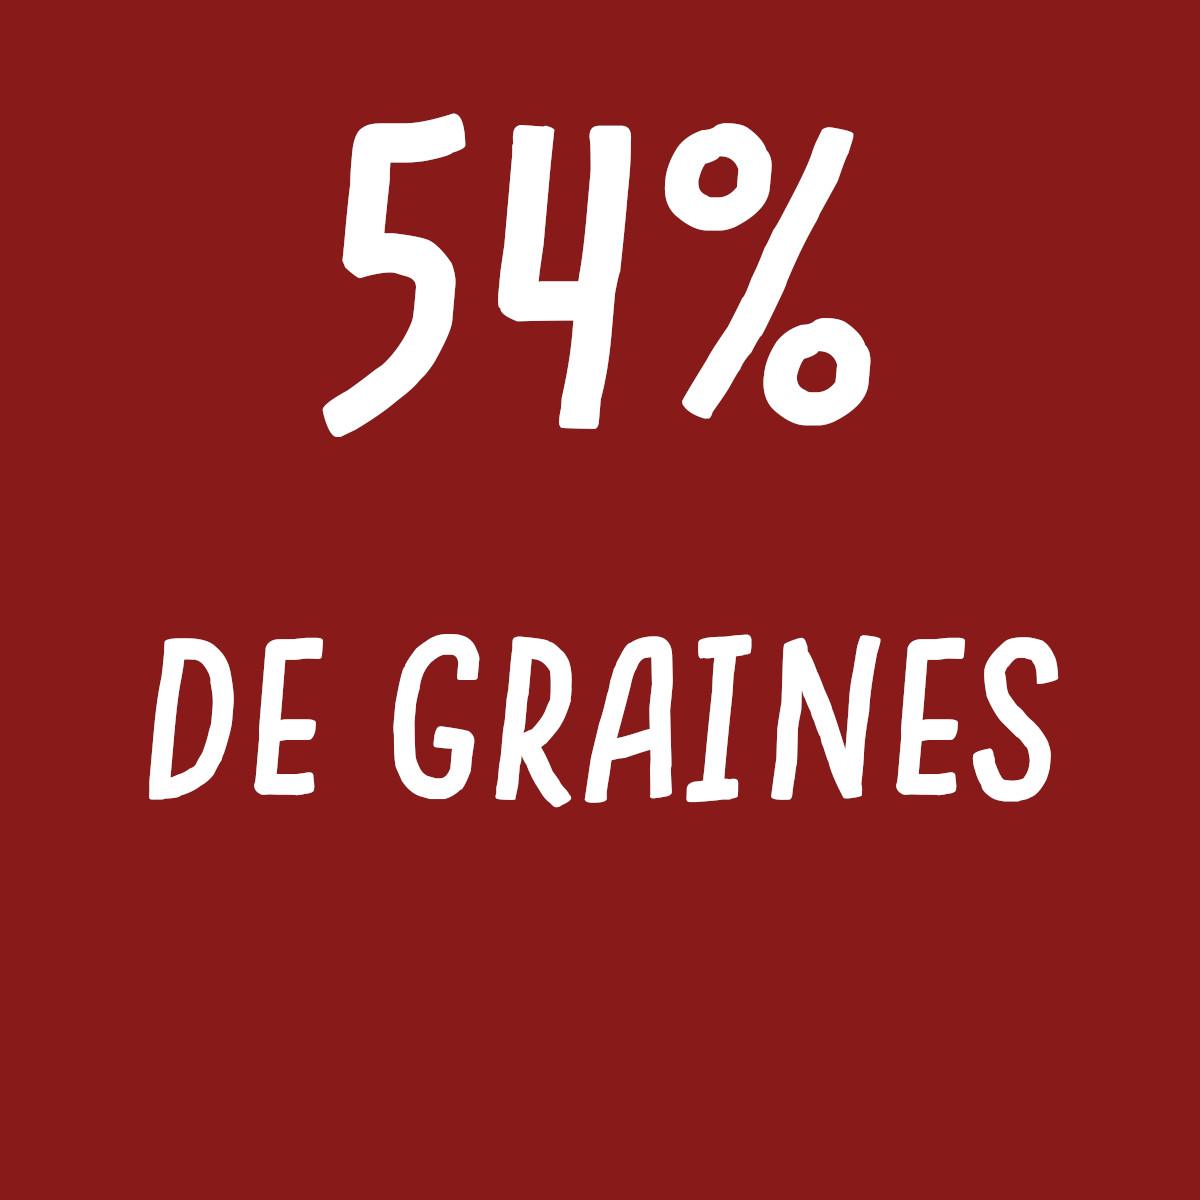 crackers ail oignon 54% de graines